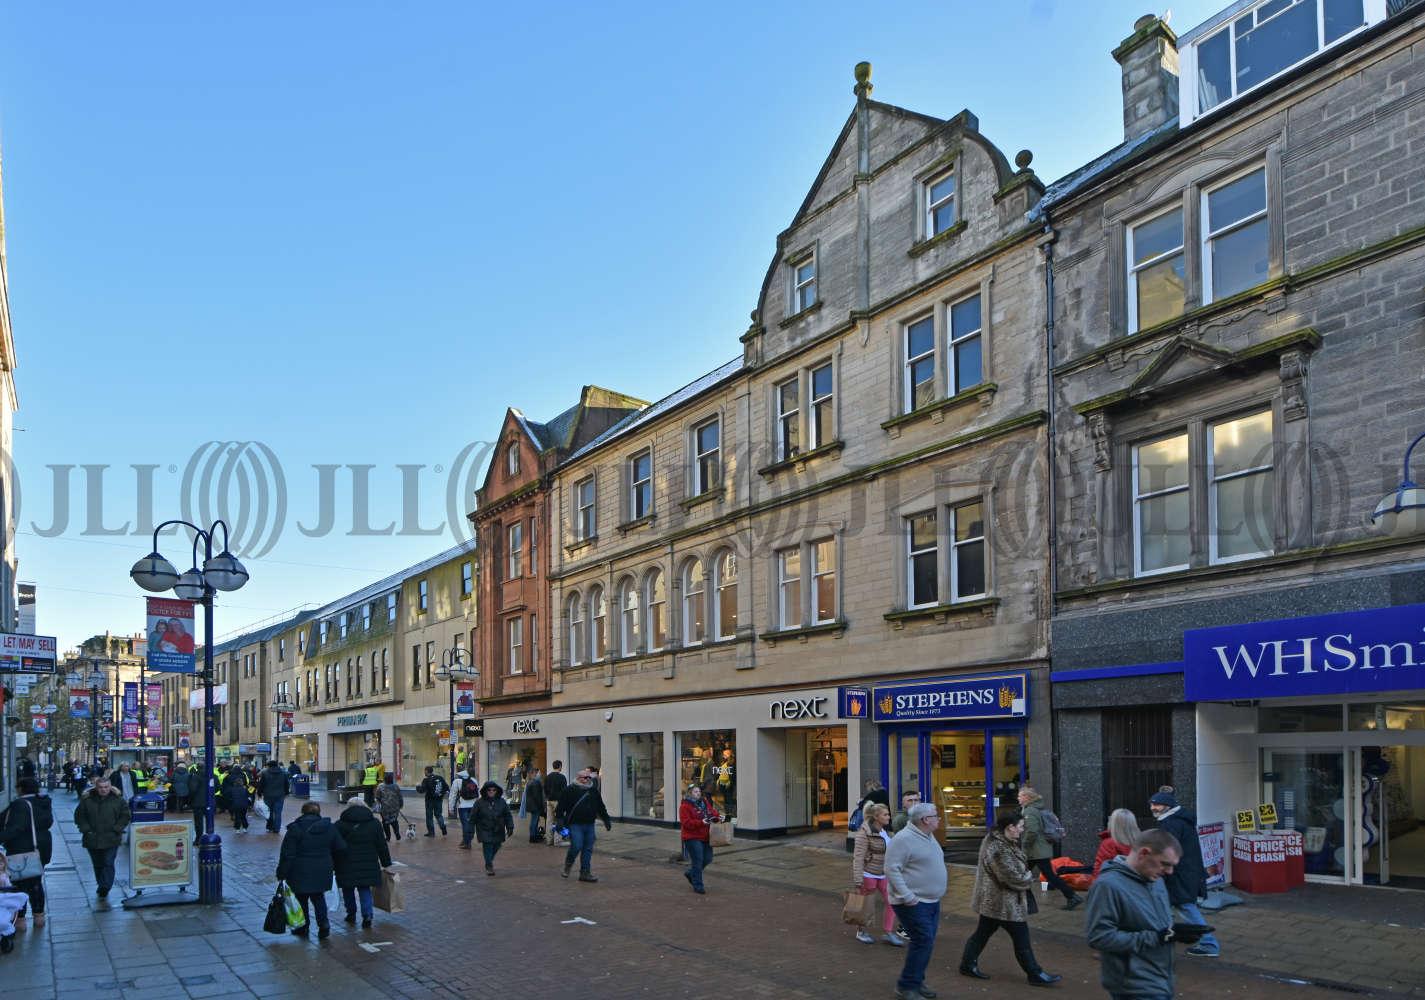 Retail high street Dunfermline, KY12 7DR - Next